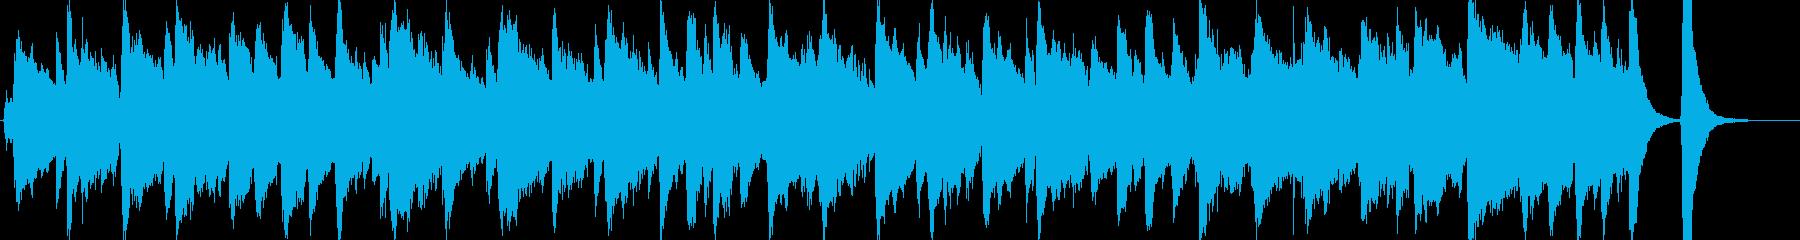 これは、アコーディオンと弦楽器とパ...の再生済みの波形